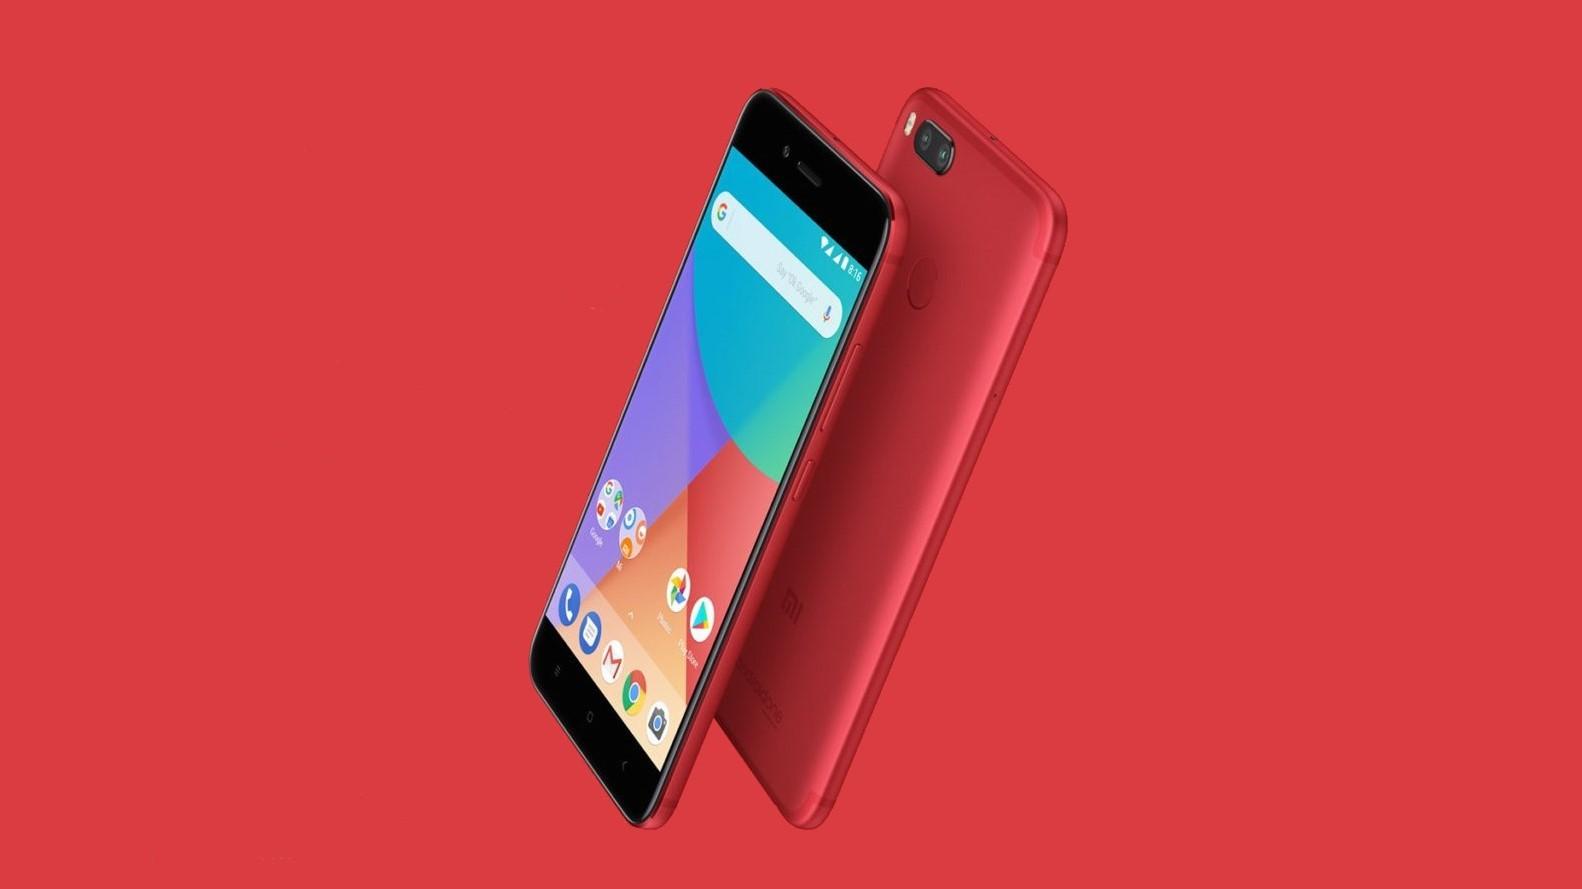 Ограниченная серия Xiaomi Mi A1 Red начала продаваться в России